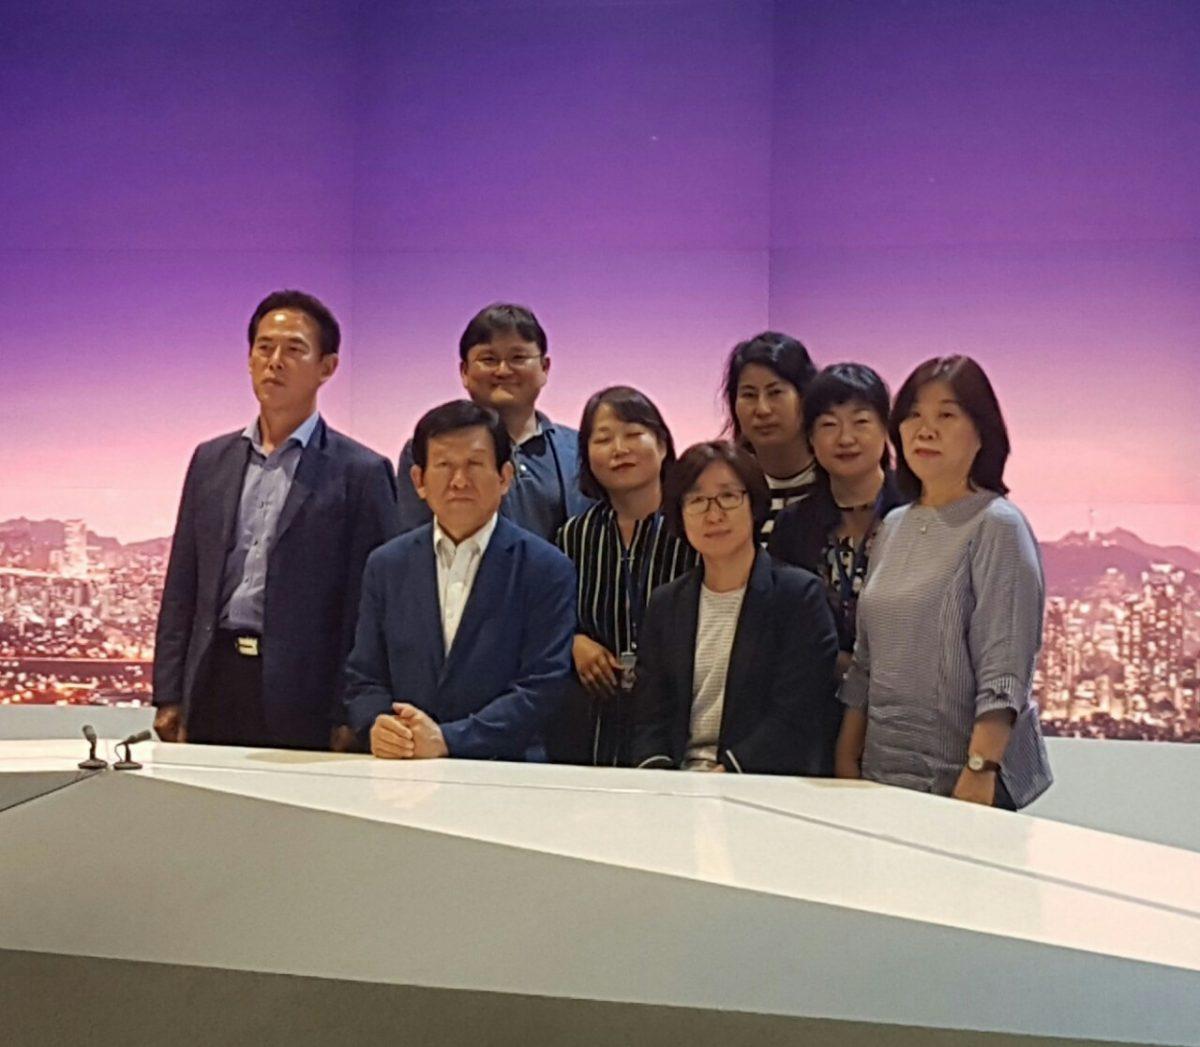 [기자탐방]관악 G 스토리 기자단과 관악 마을방송주간뉴스팀은 JTBC 방송국 견학을 함께 하다